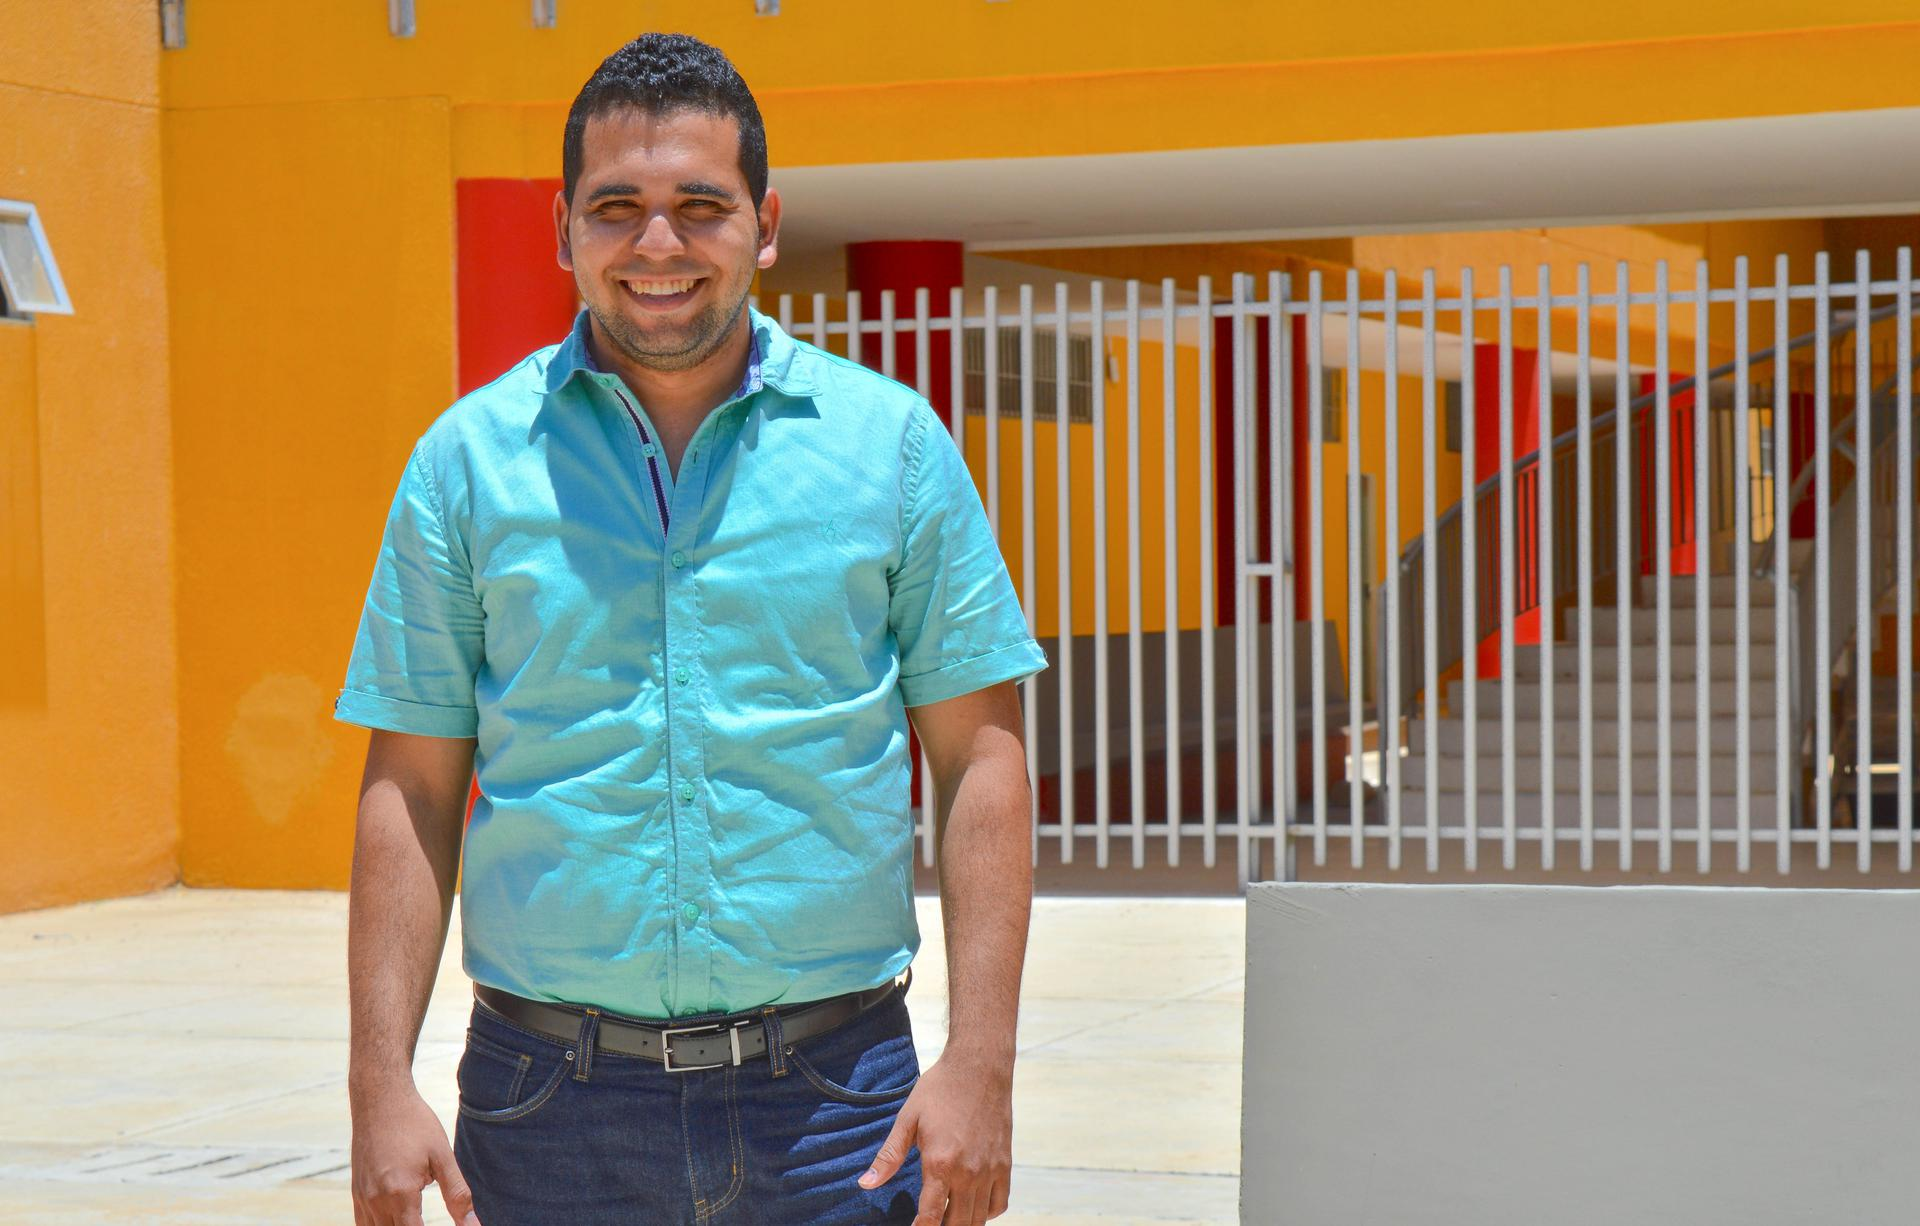 hoyennoticia.com, Ingeniero de Uniguajira evalúa dispositivo para aprovechar energía del oleaje